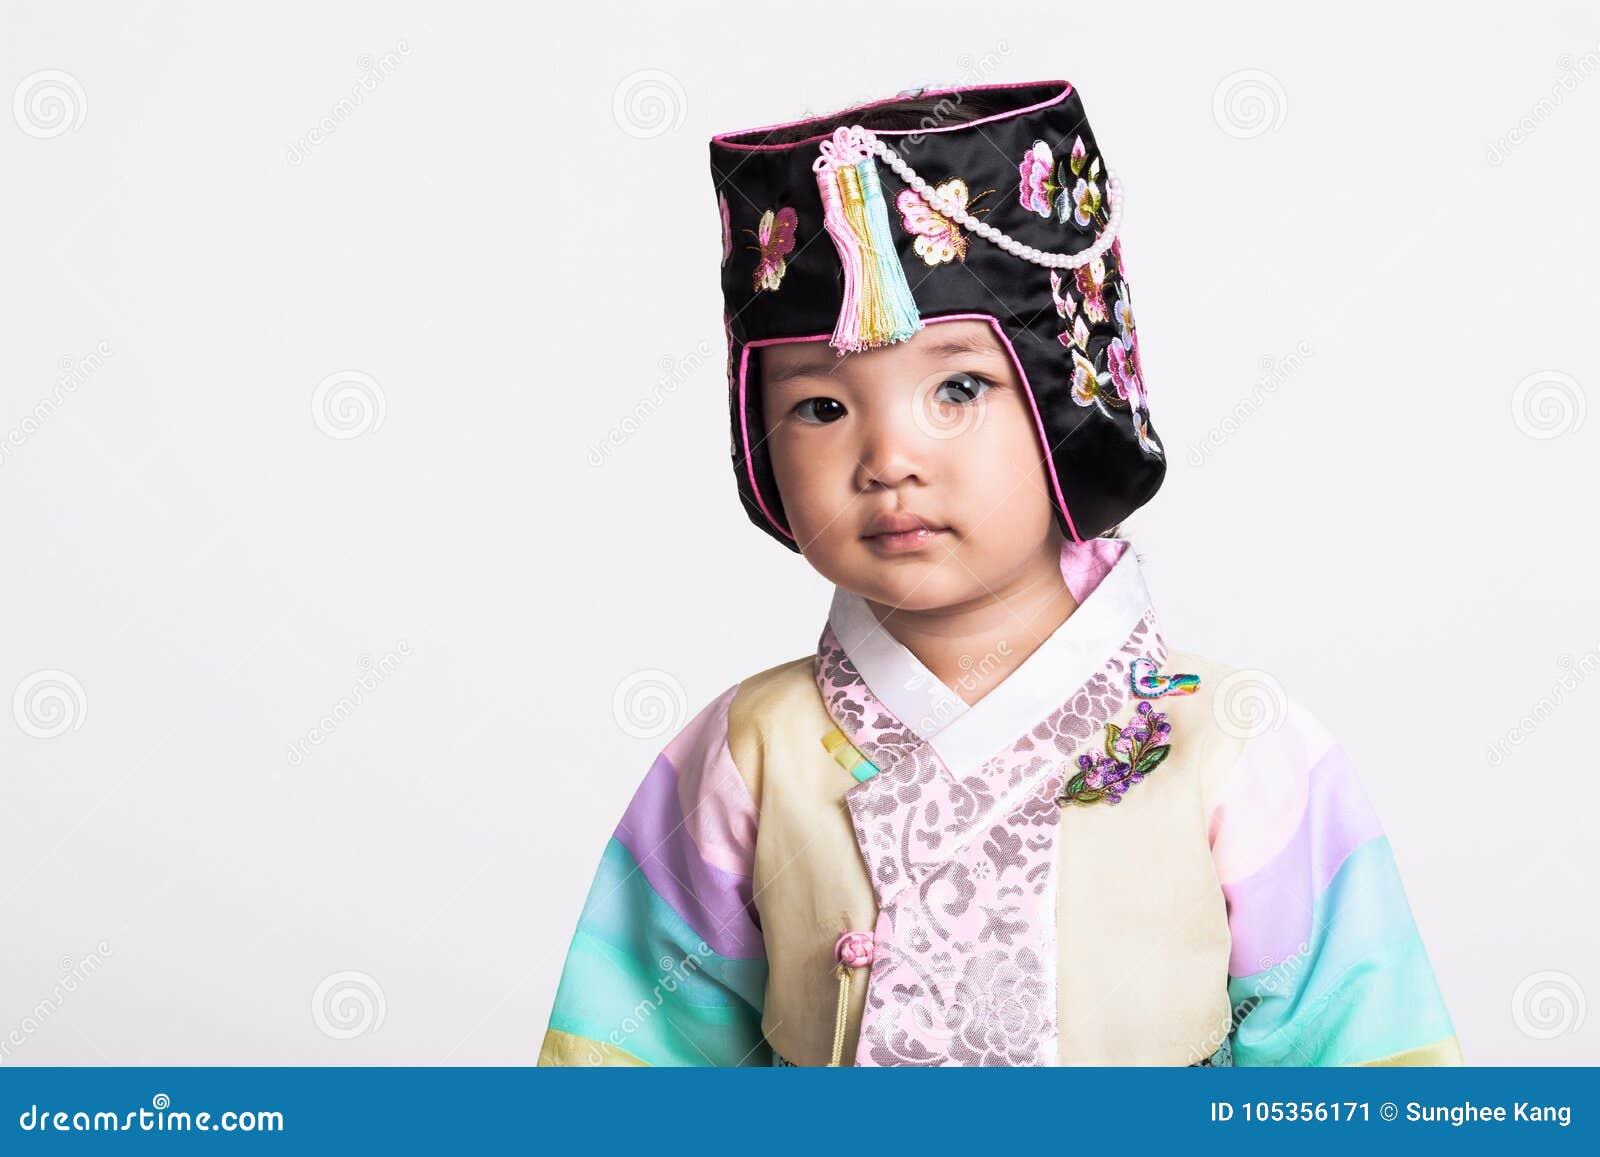 Utilisant Studio Portrait De Un Costume D'une Fille Jeune pgHqx